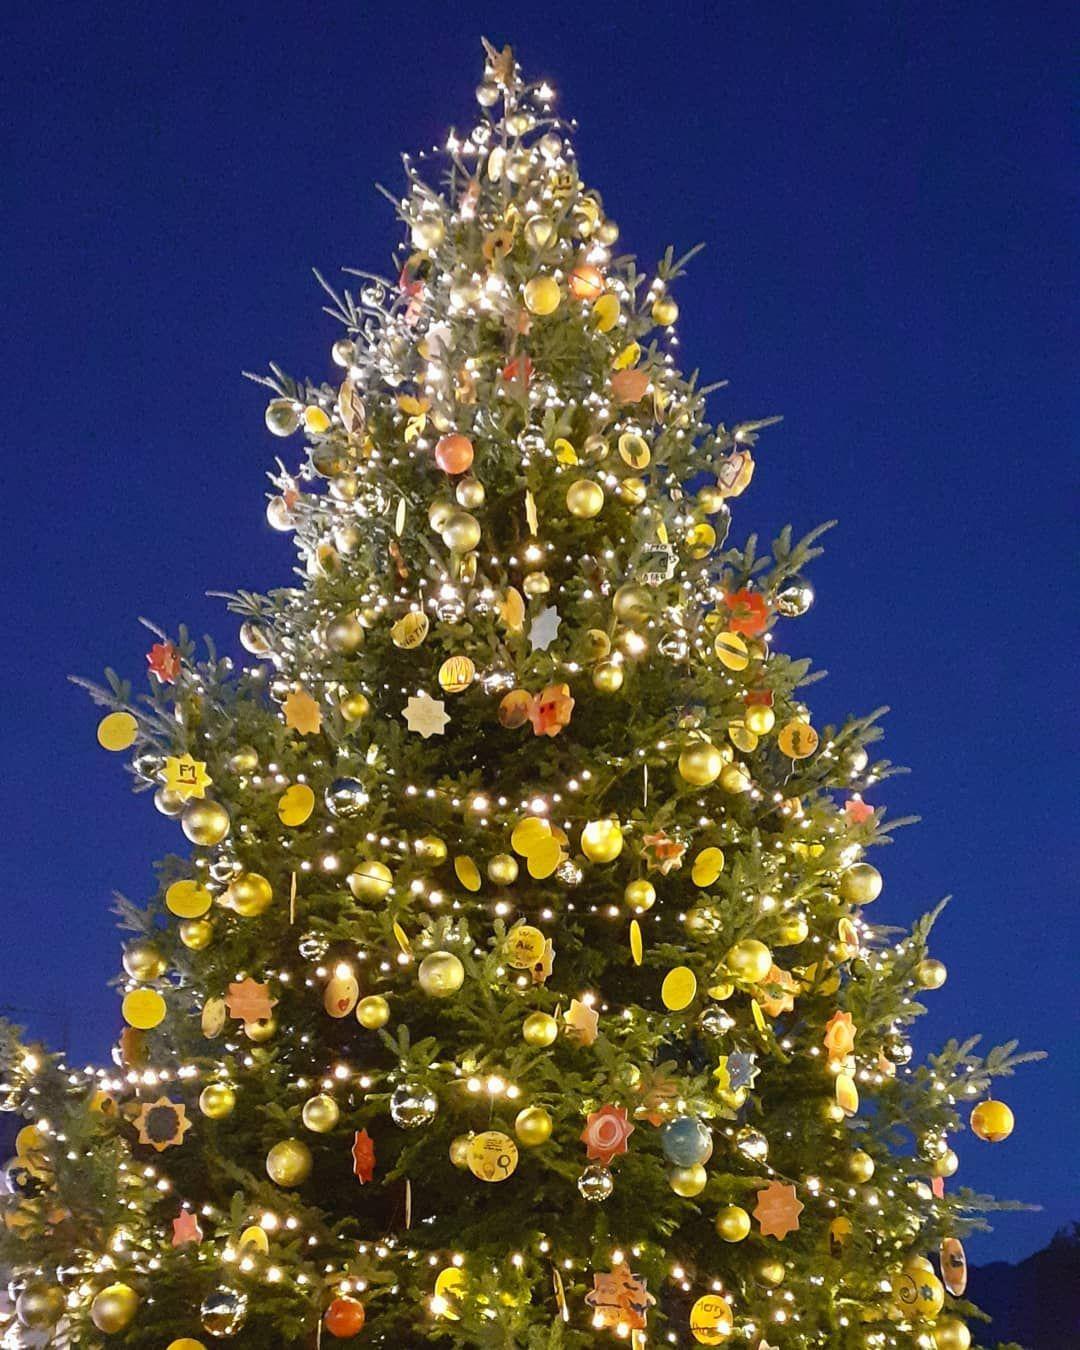 ~ 8/25 di #magiadelnatale ~  #contoallarovescia #natale #xmas #xmasiscoming #xma... #advent #adventcalendar #calendarioavvento #Christmas #christmasdecorations #christmastree #contoallarovescia